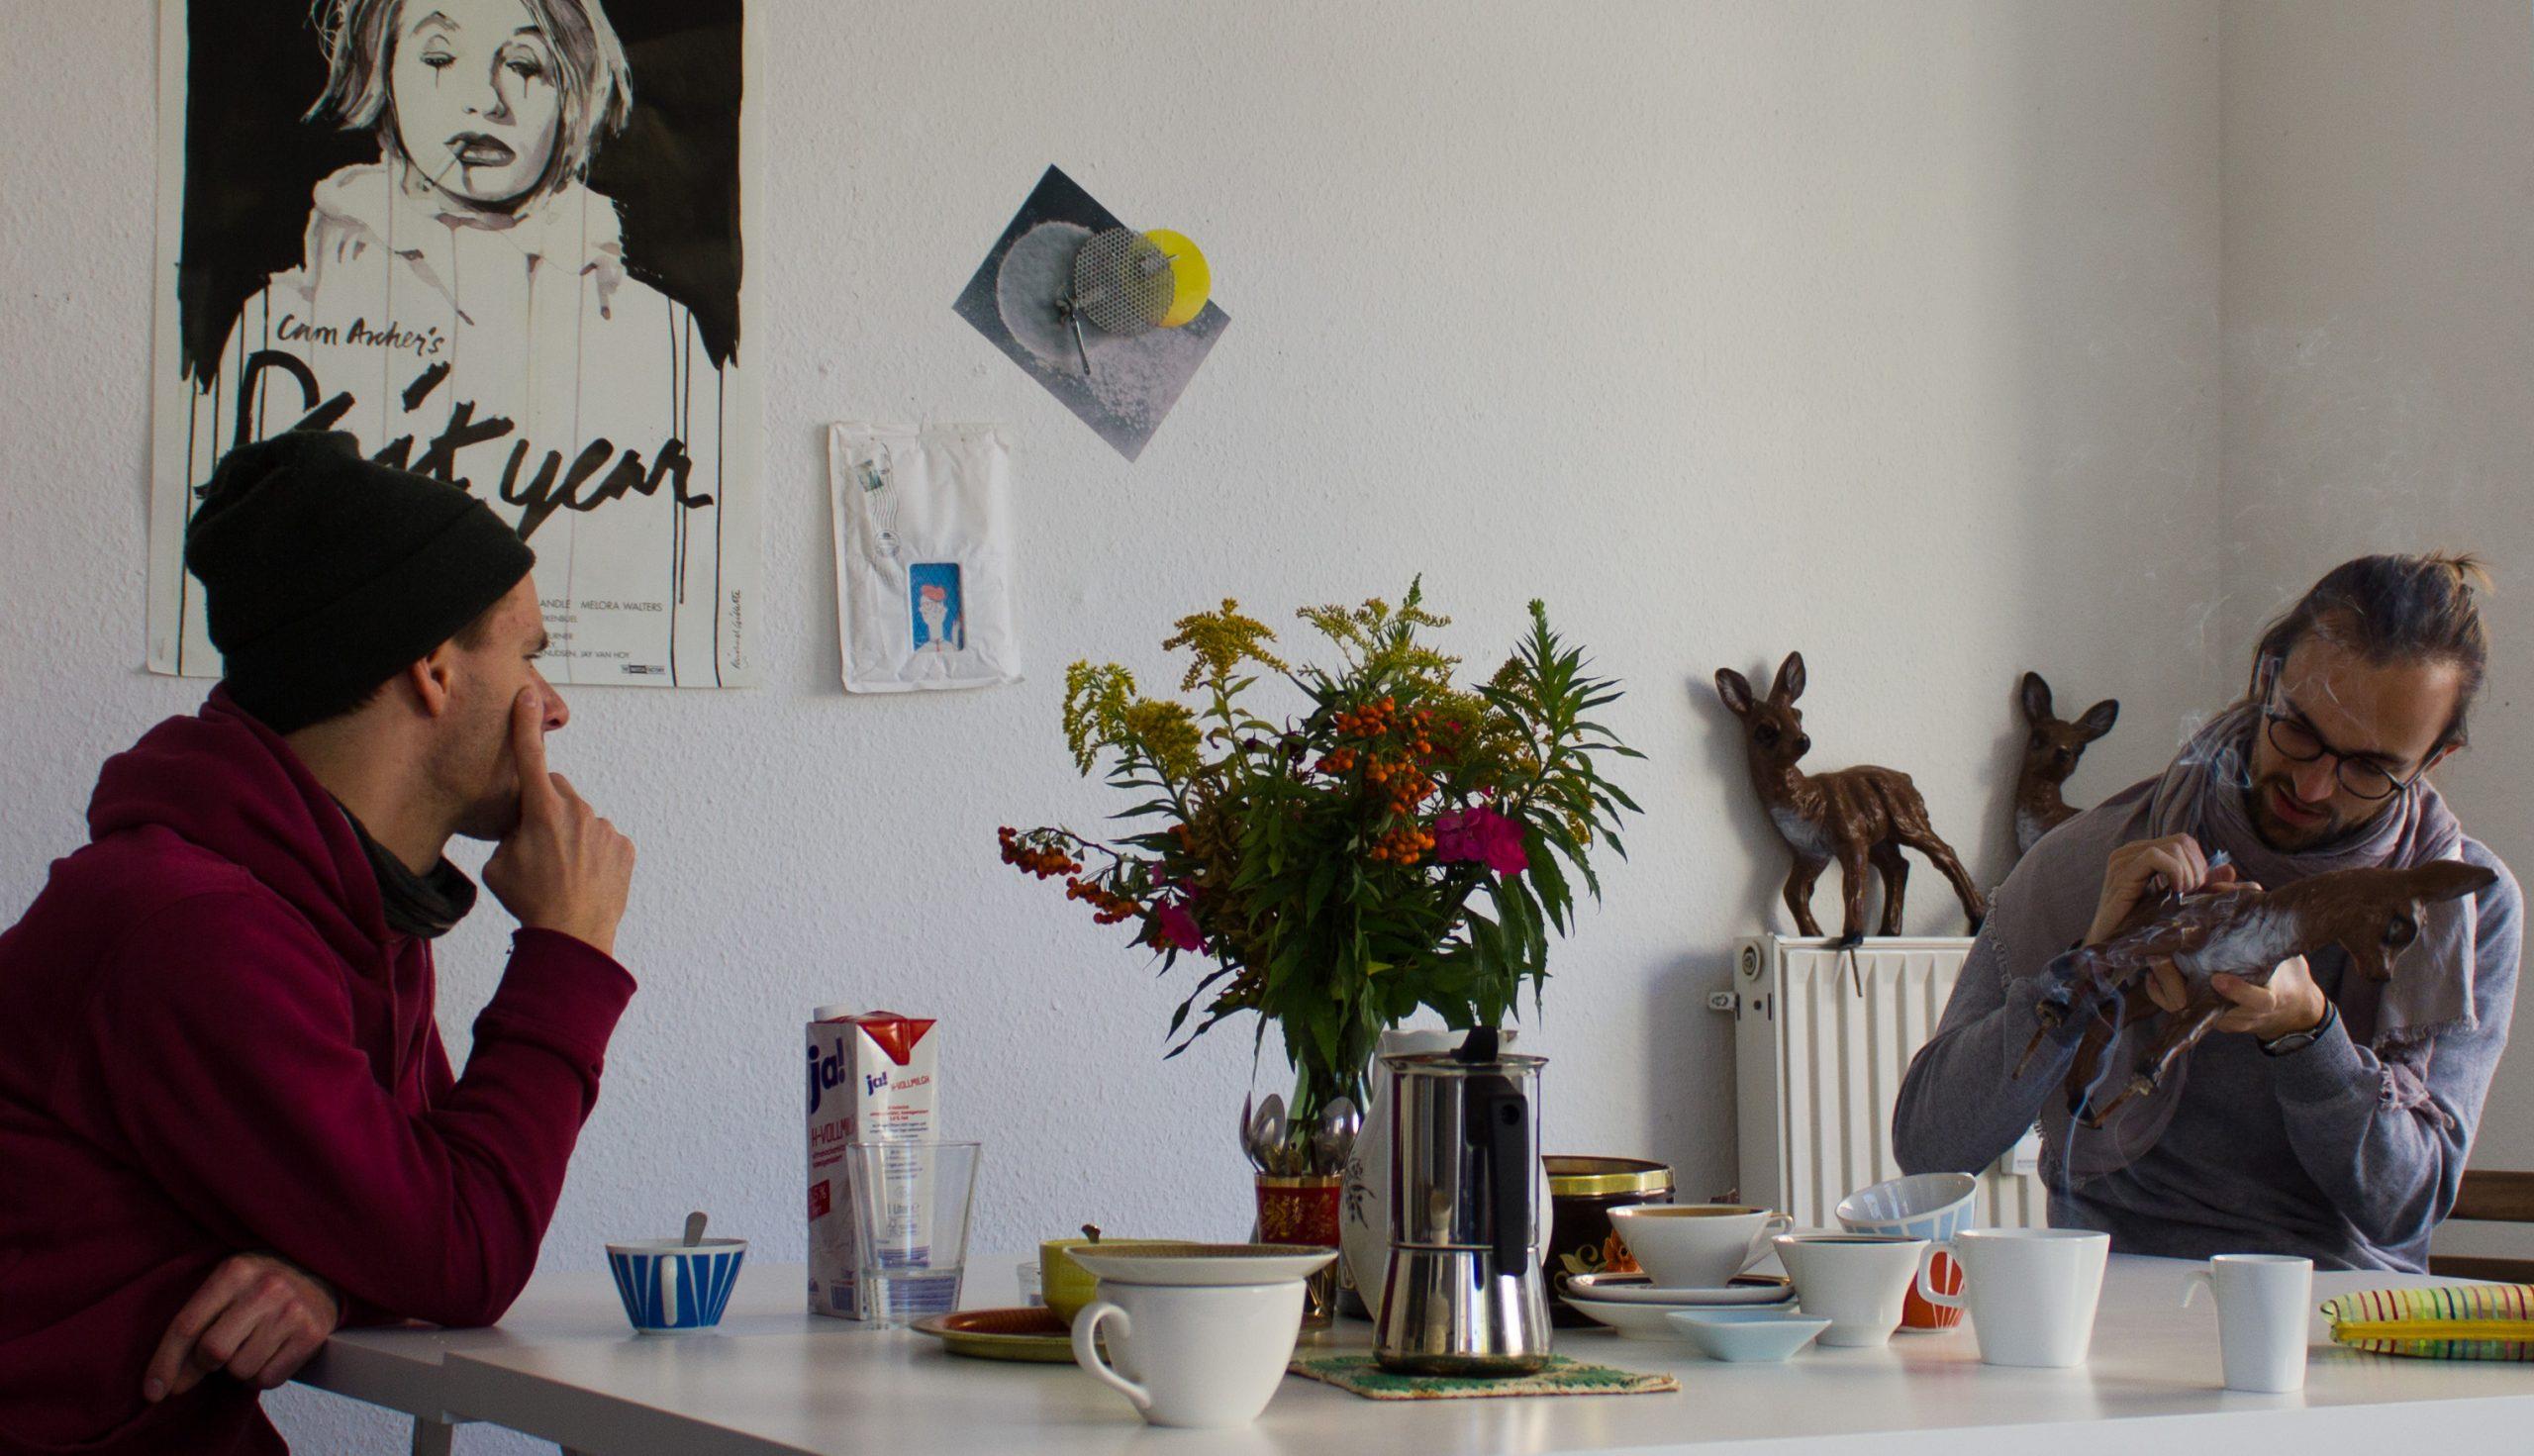 Auf einem großen Tisch stehen Blumen und unzählige Kaffeetassen. Ein junger Mann betrachtet einen anderen beim Reparieren von Plastik-Rehen.